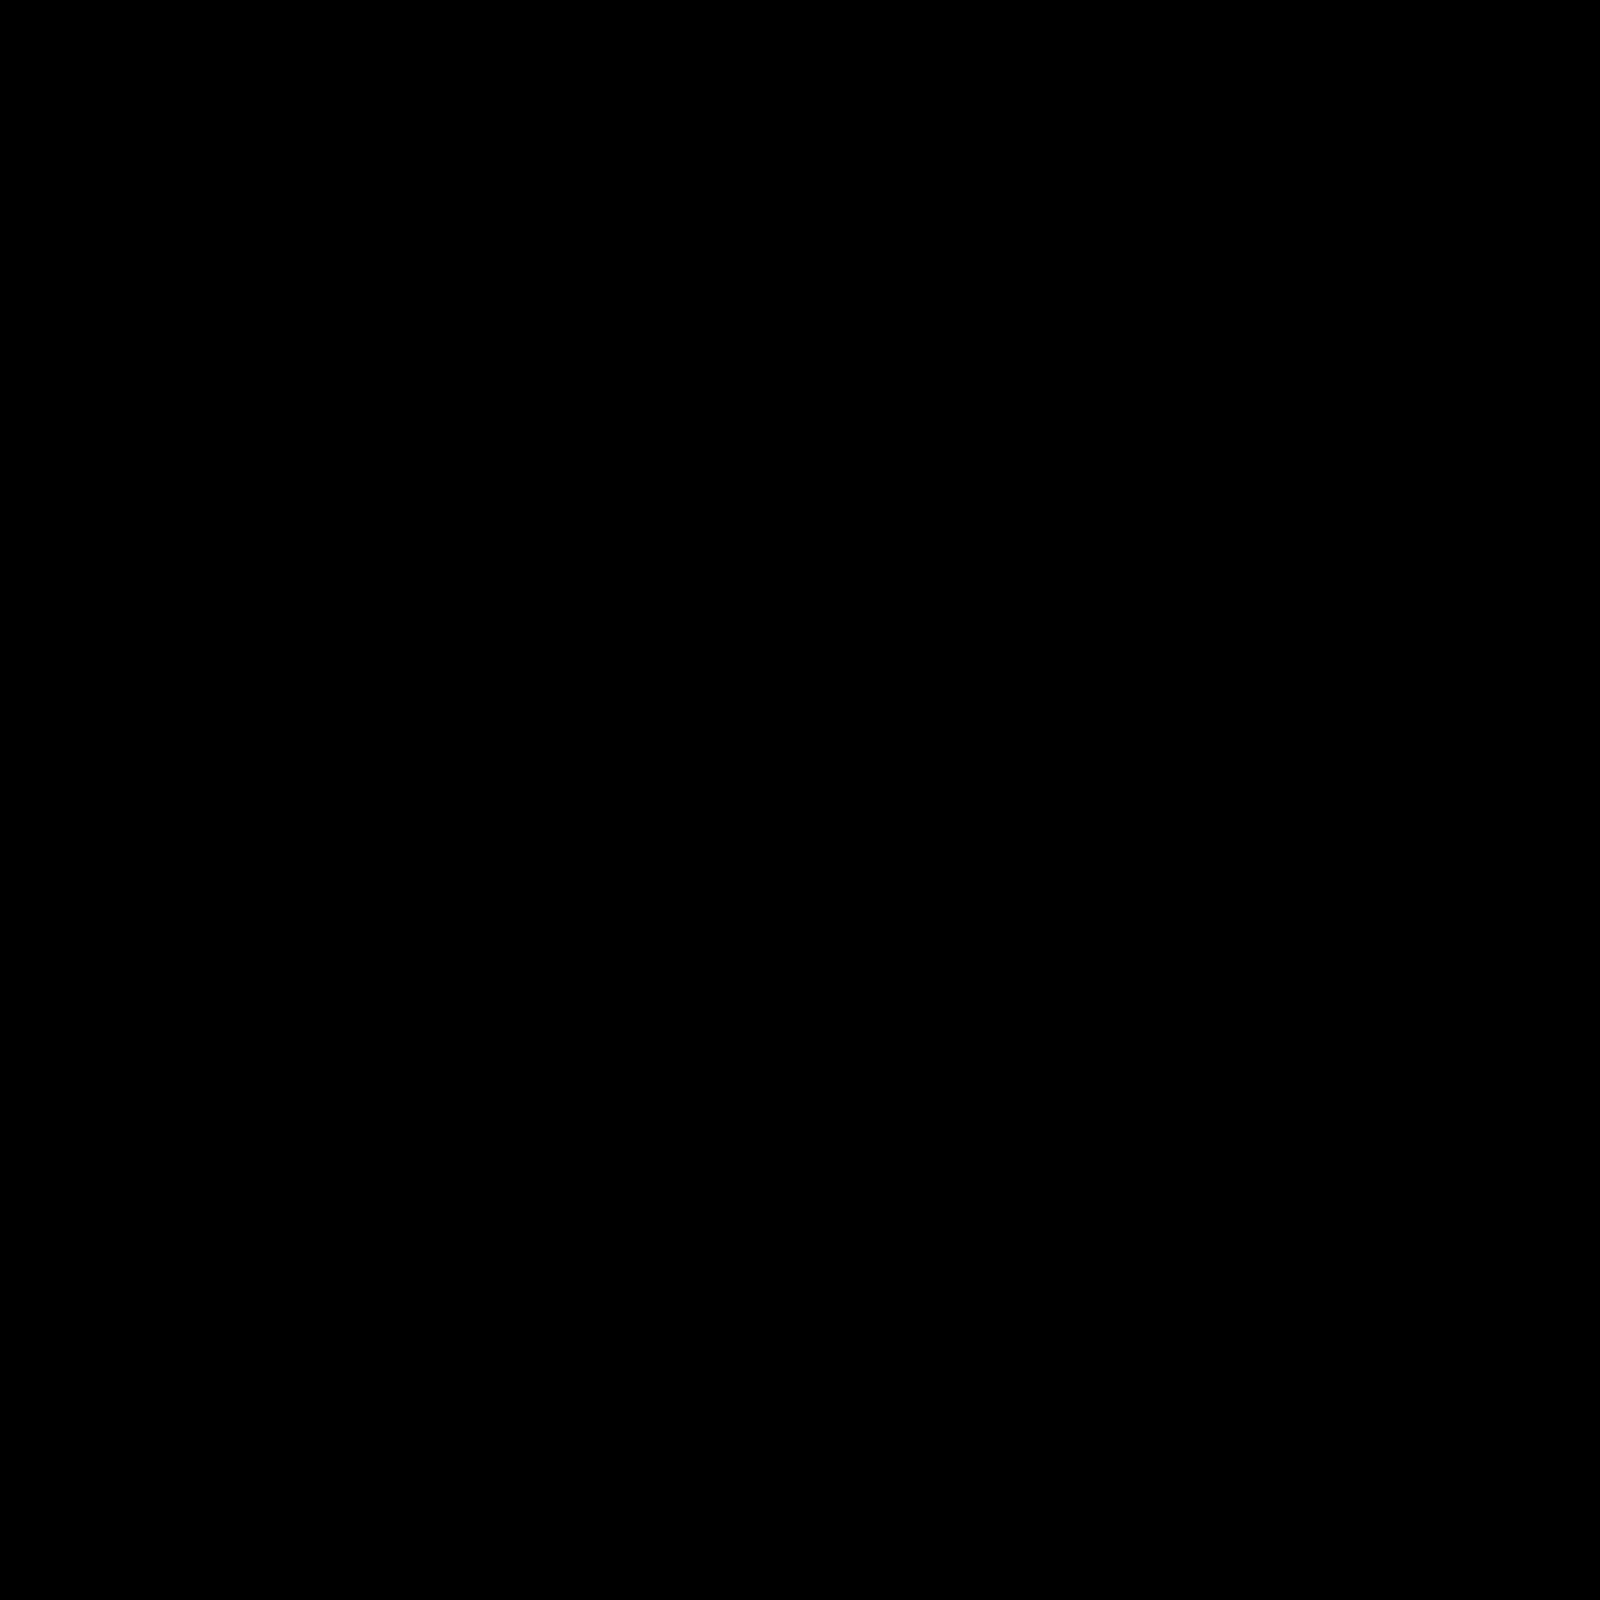 Konflikt icon